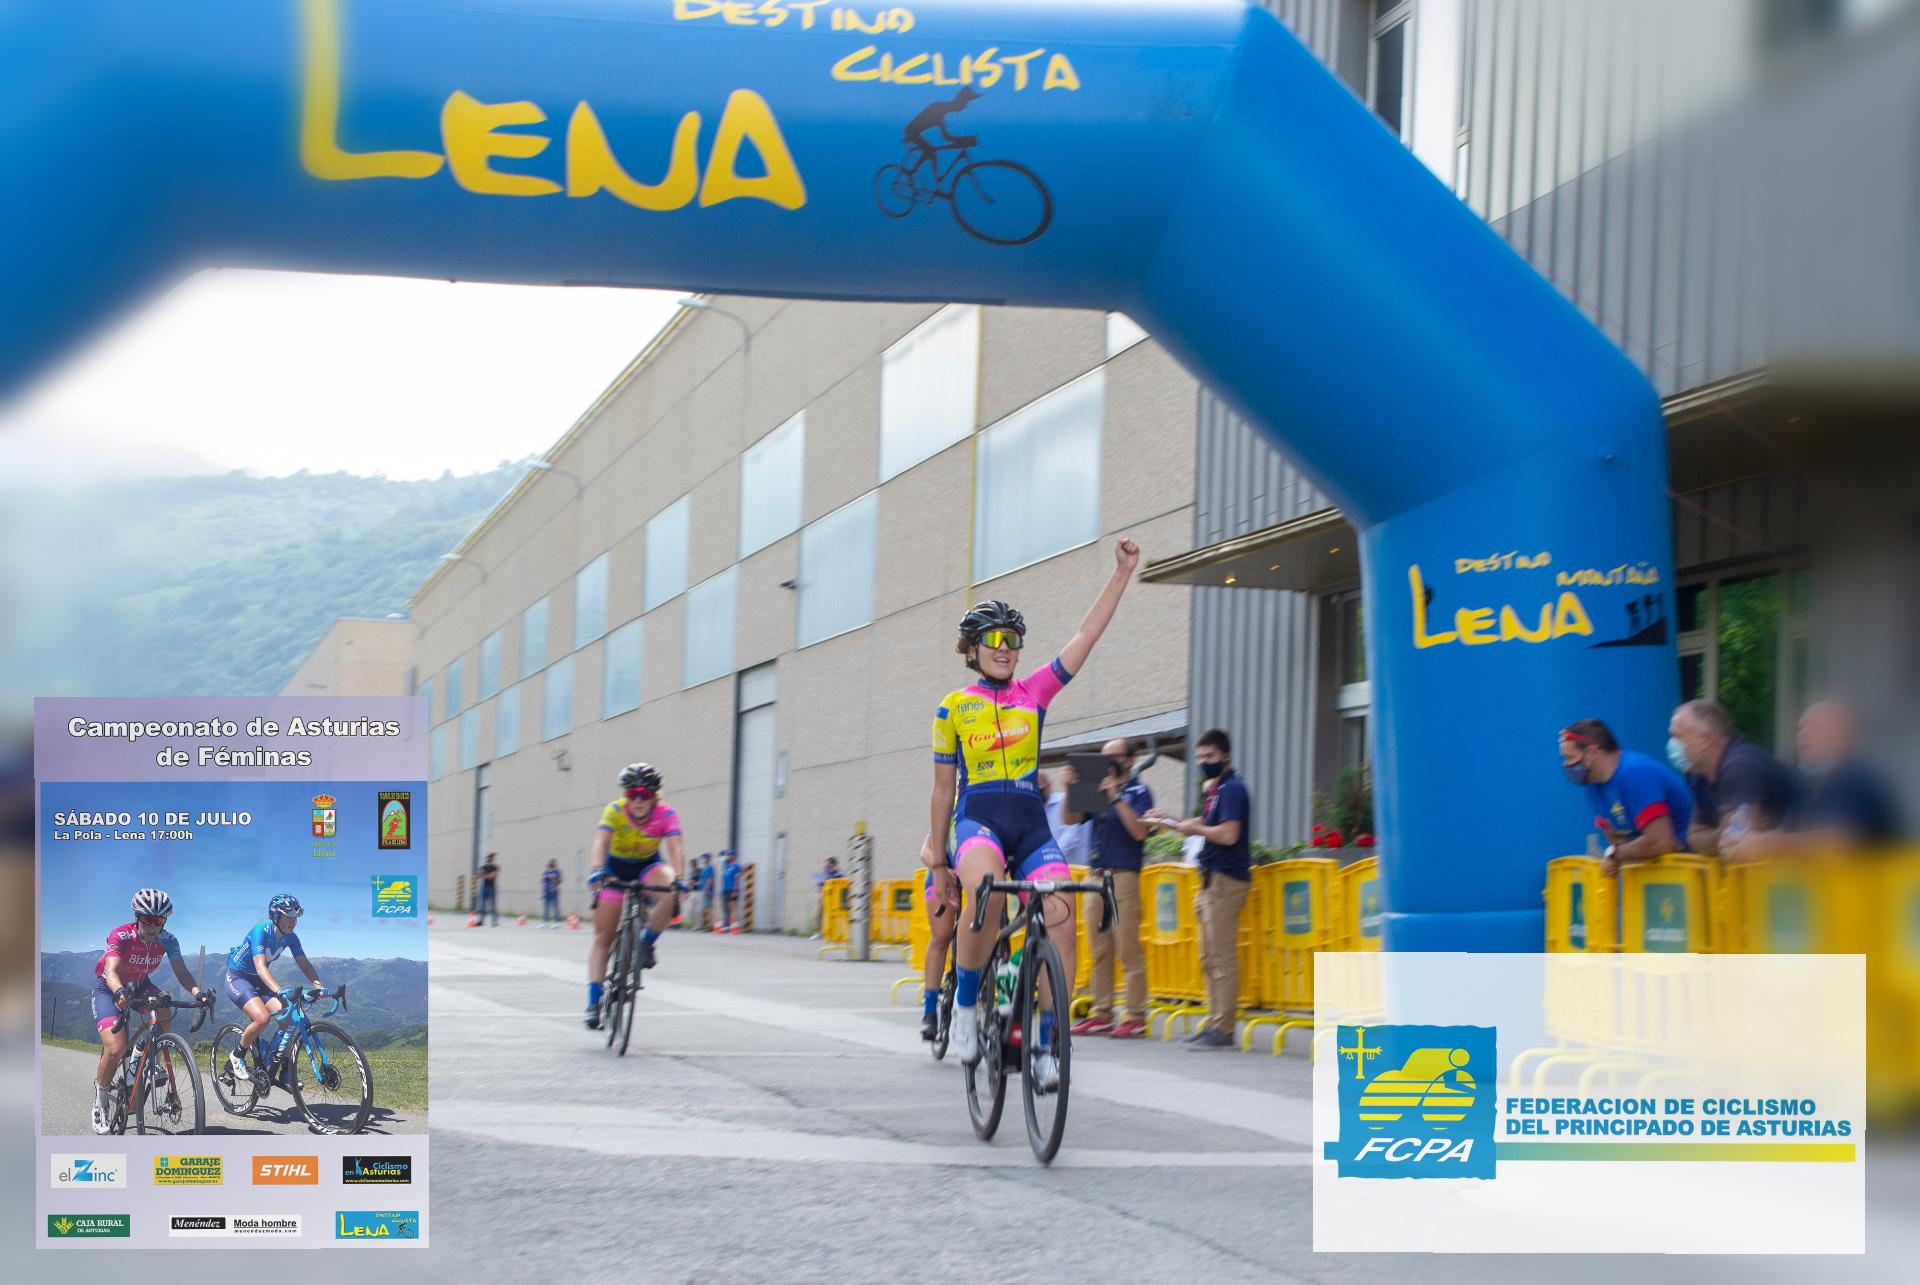 campeona de asturias